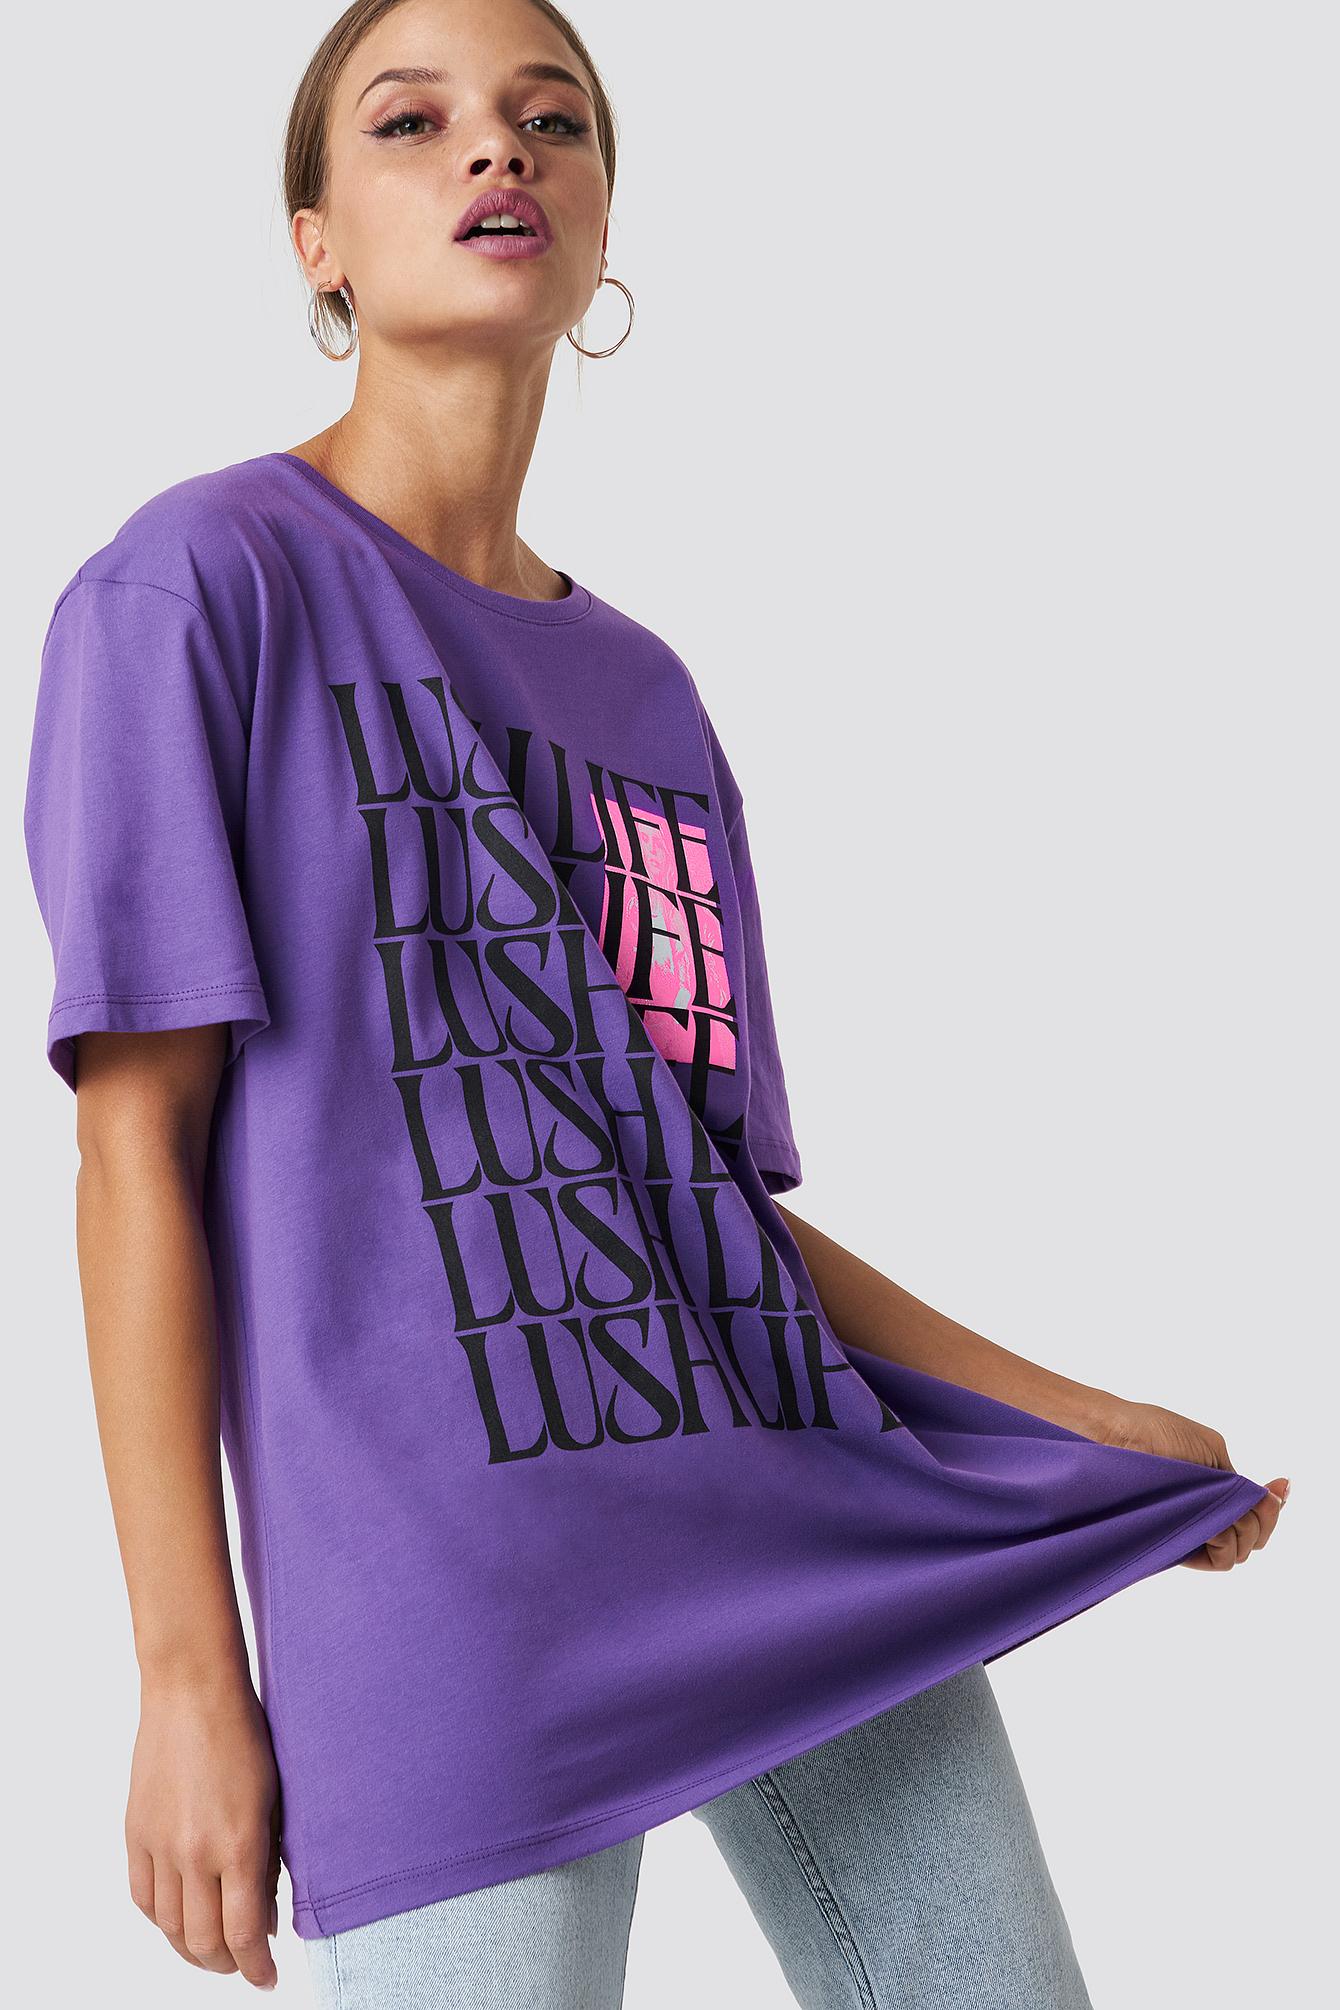 Lush Life Unisex Tee - Purple